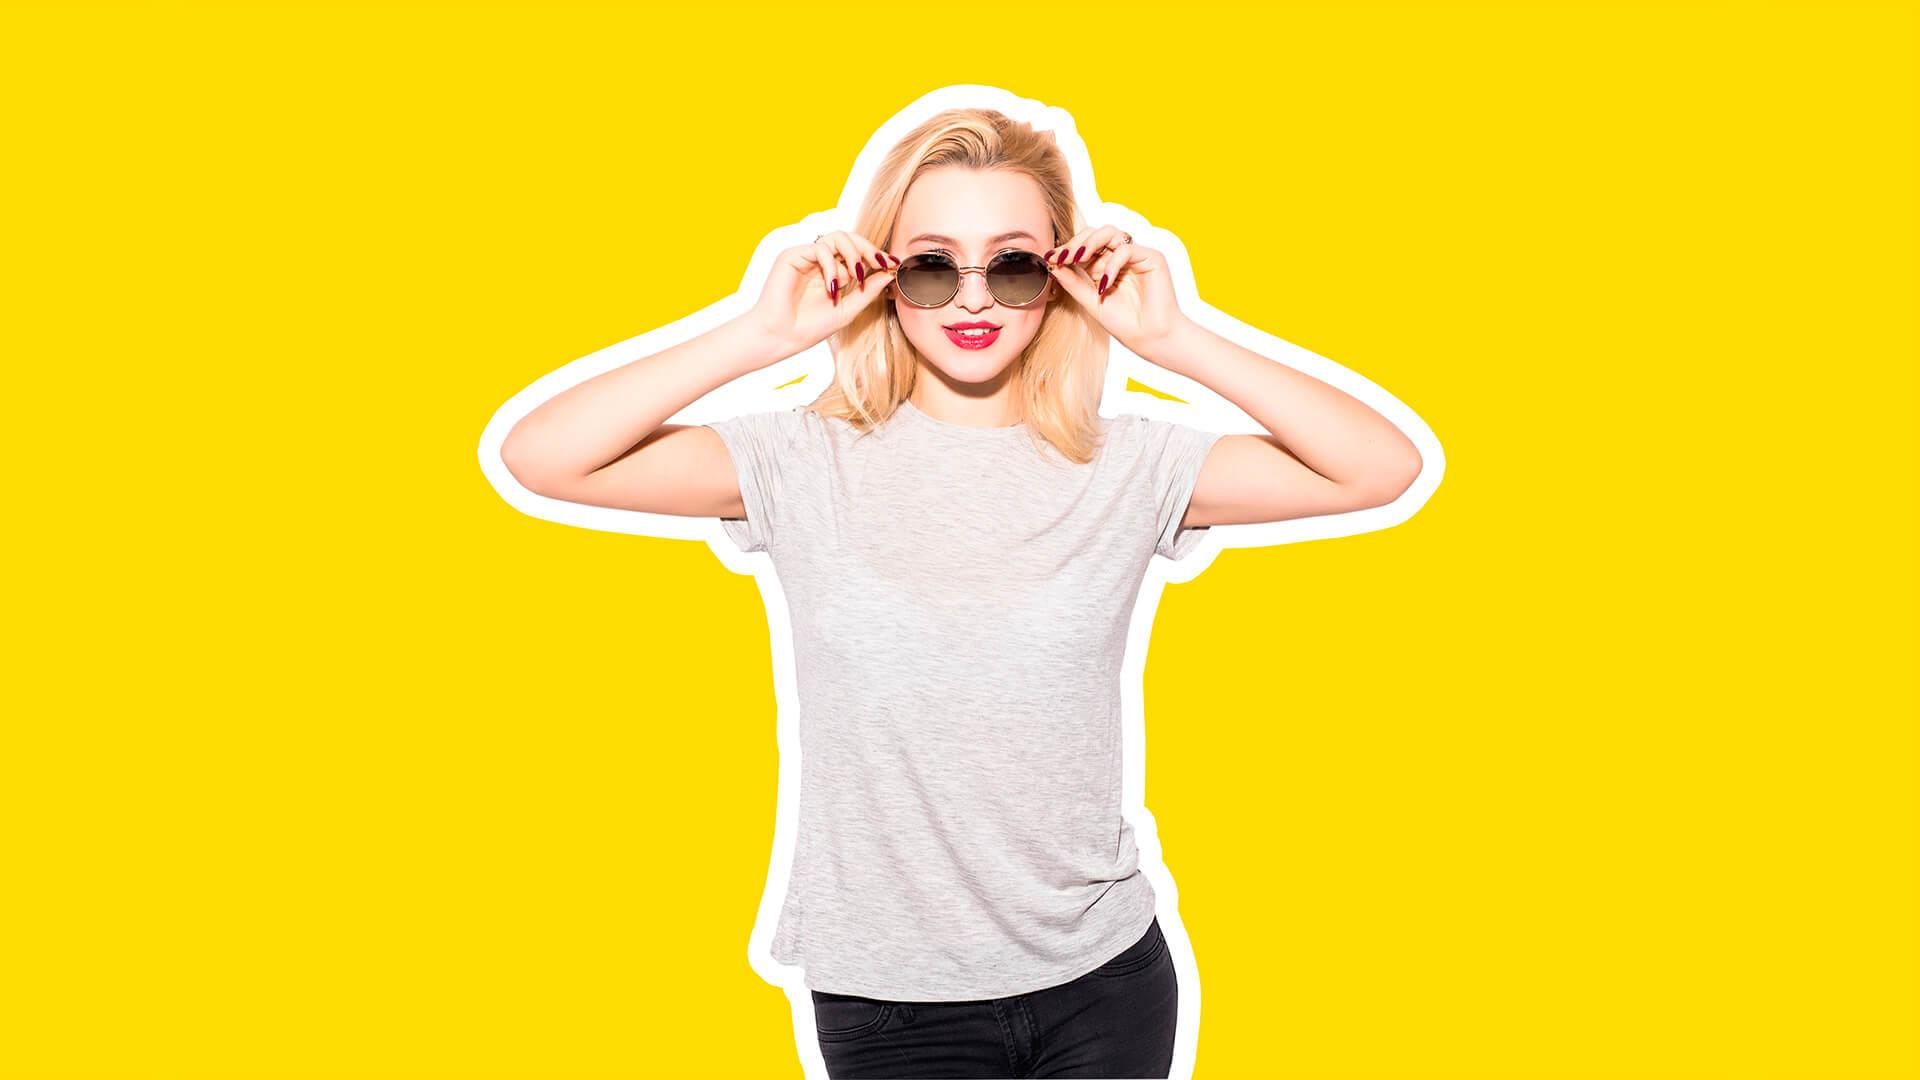 انتخاب عینک تابستانی